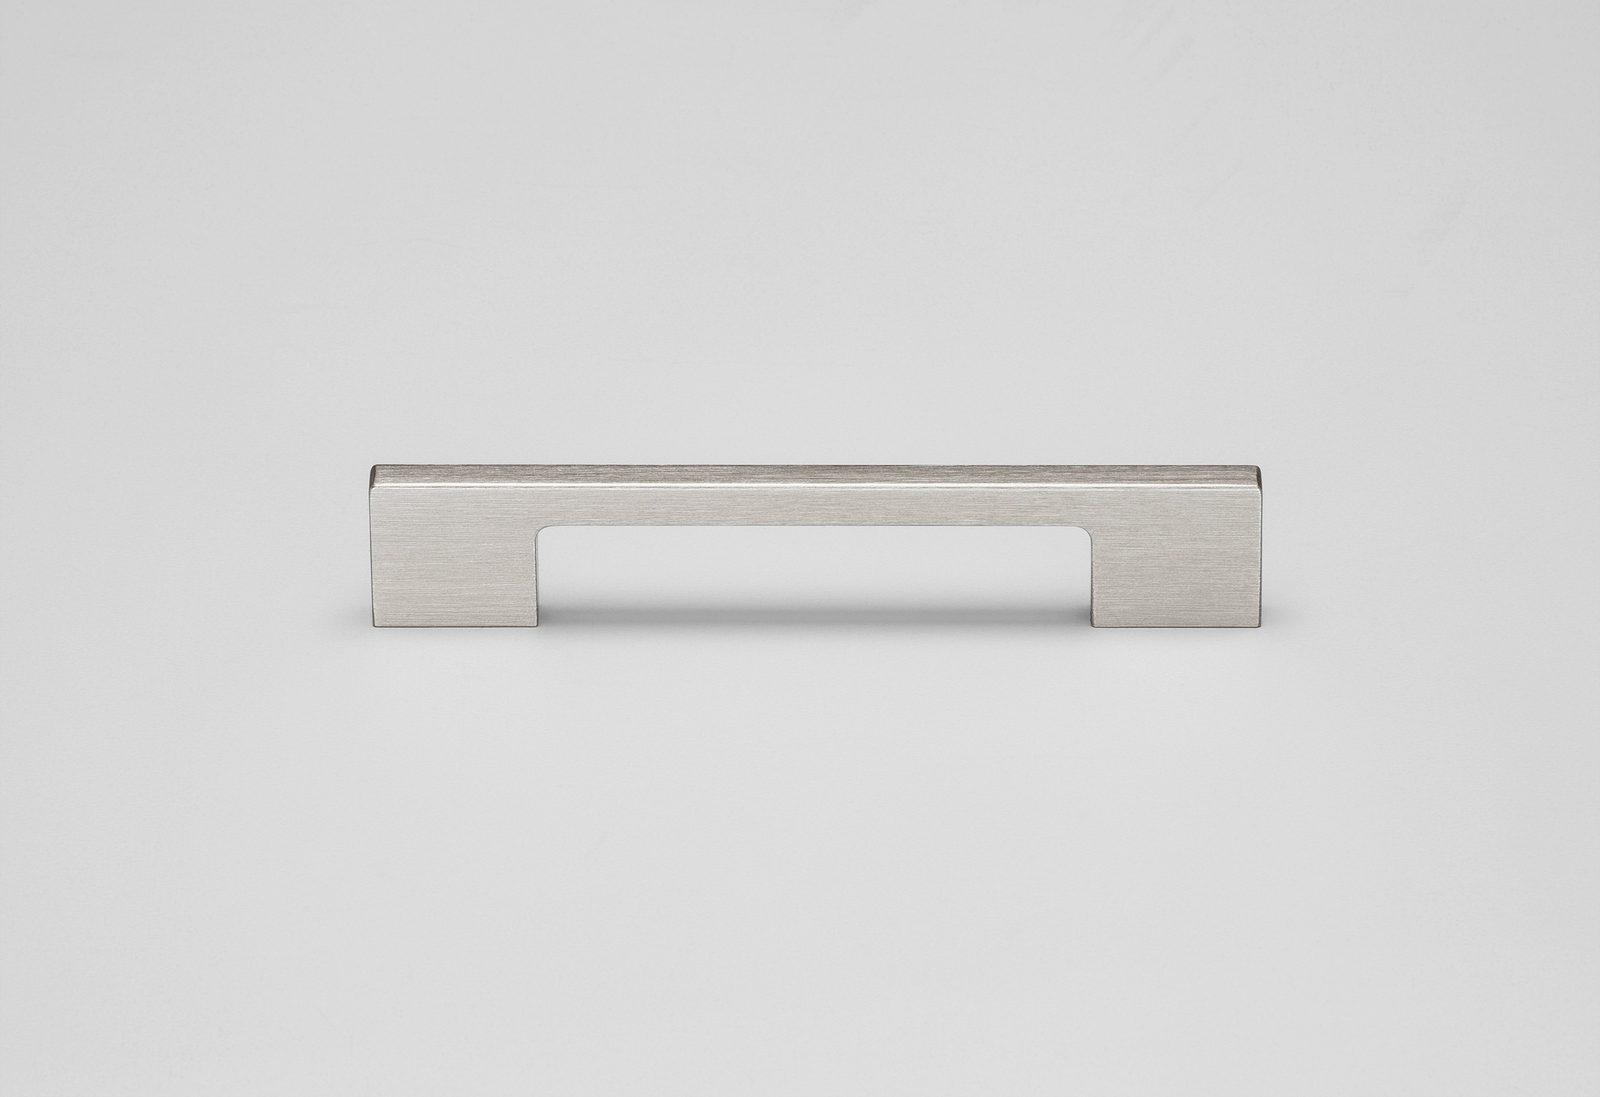 Metall-Griff, 2er Pack, in 3 Breiten - broschei